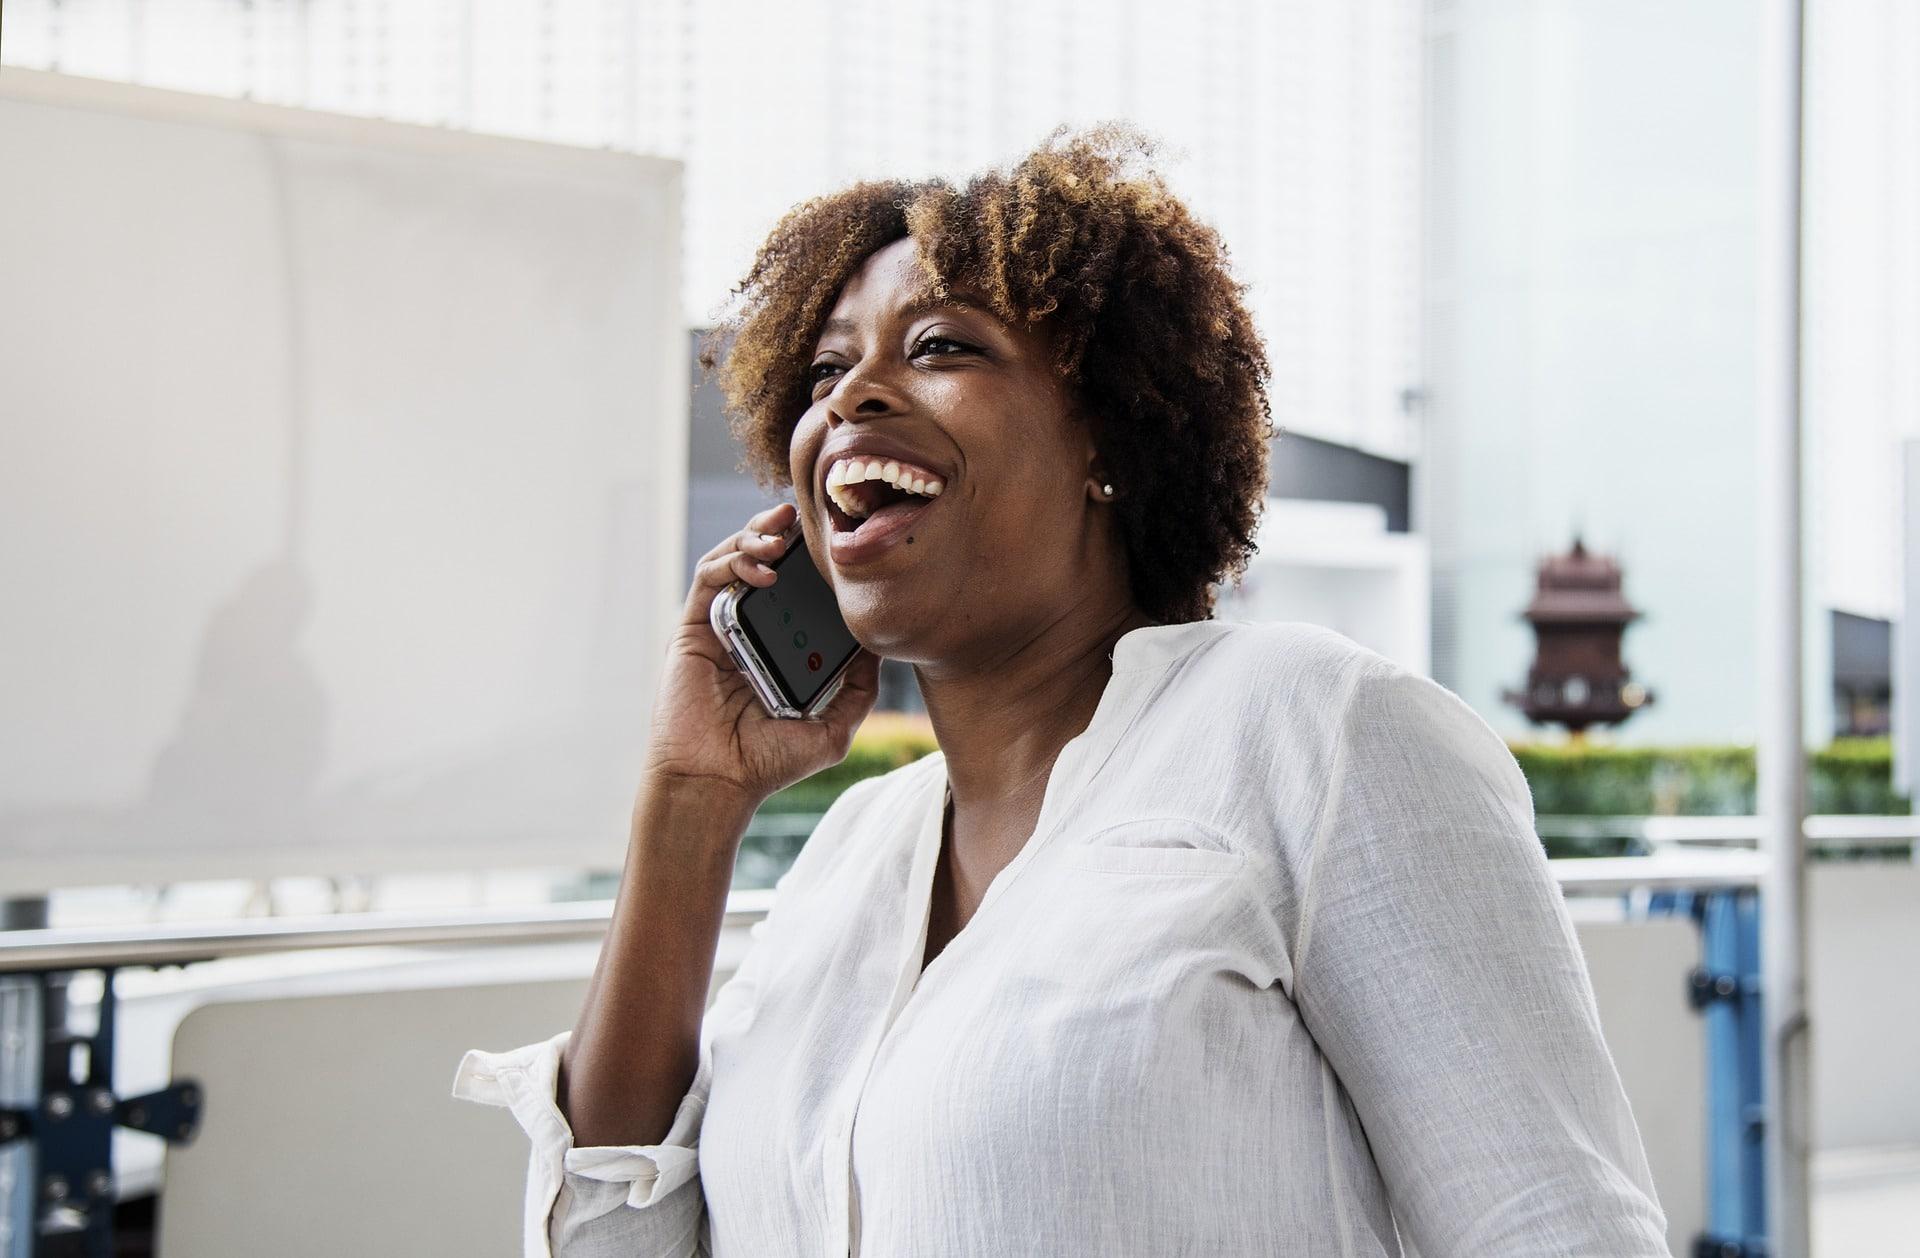 Iloinen nainen puhuu puhelimessa